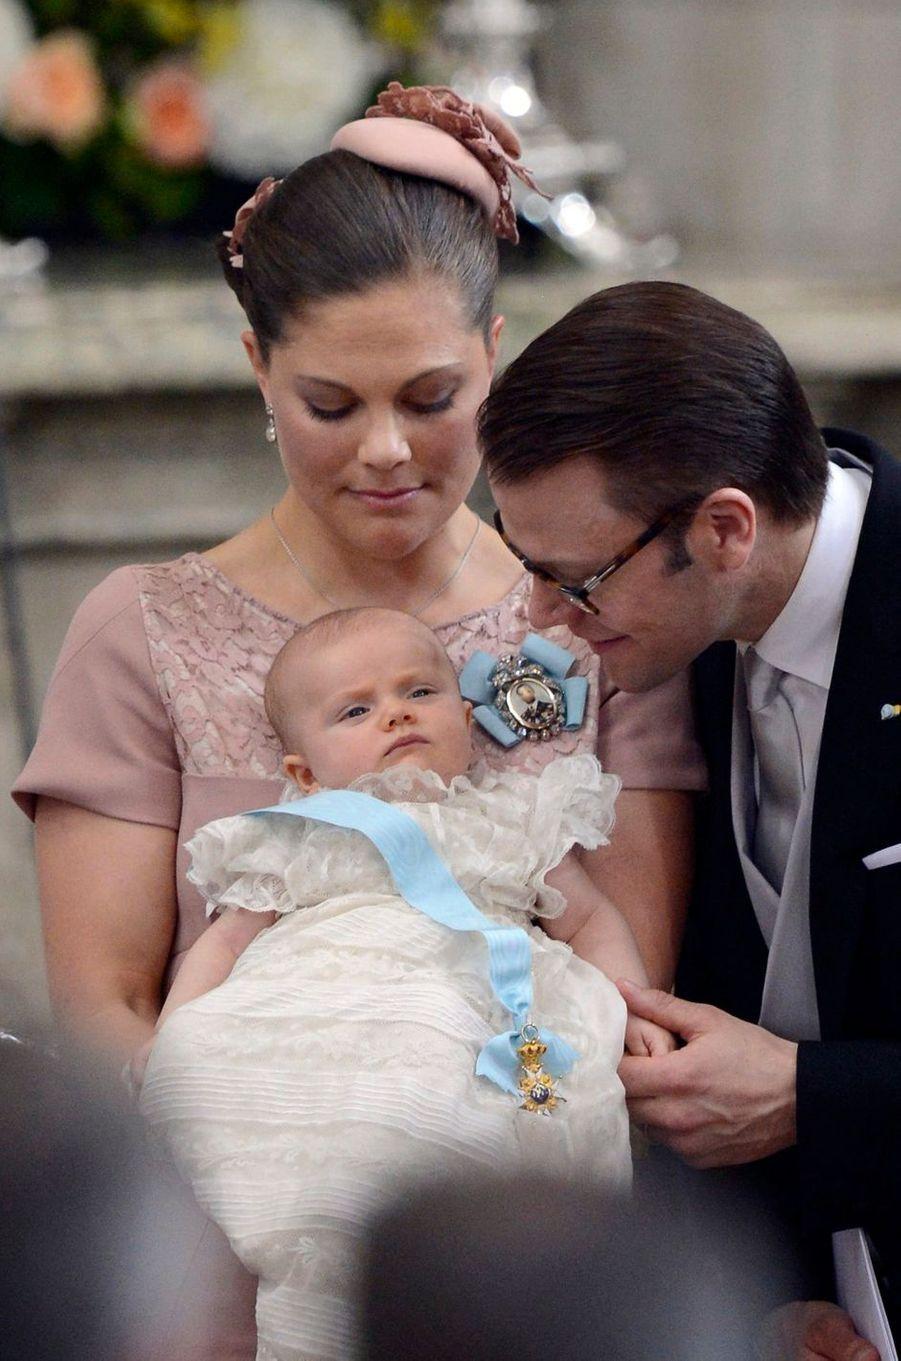 La princesse Estelle de Suède, le 22 mai 2012, jour de son baptême, avec ses parents la princesse héritière Victoria et le prince Daniel